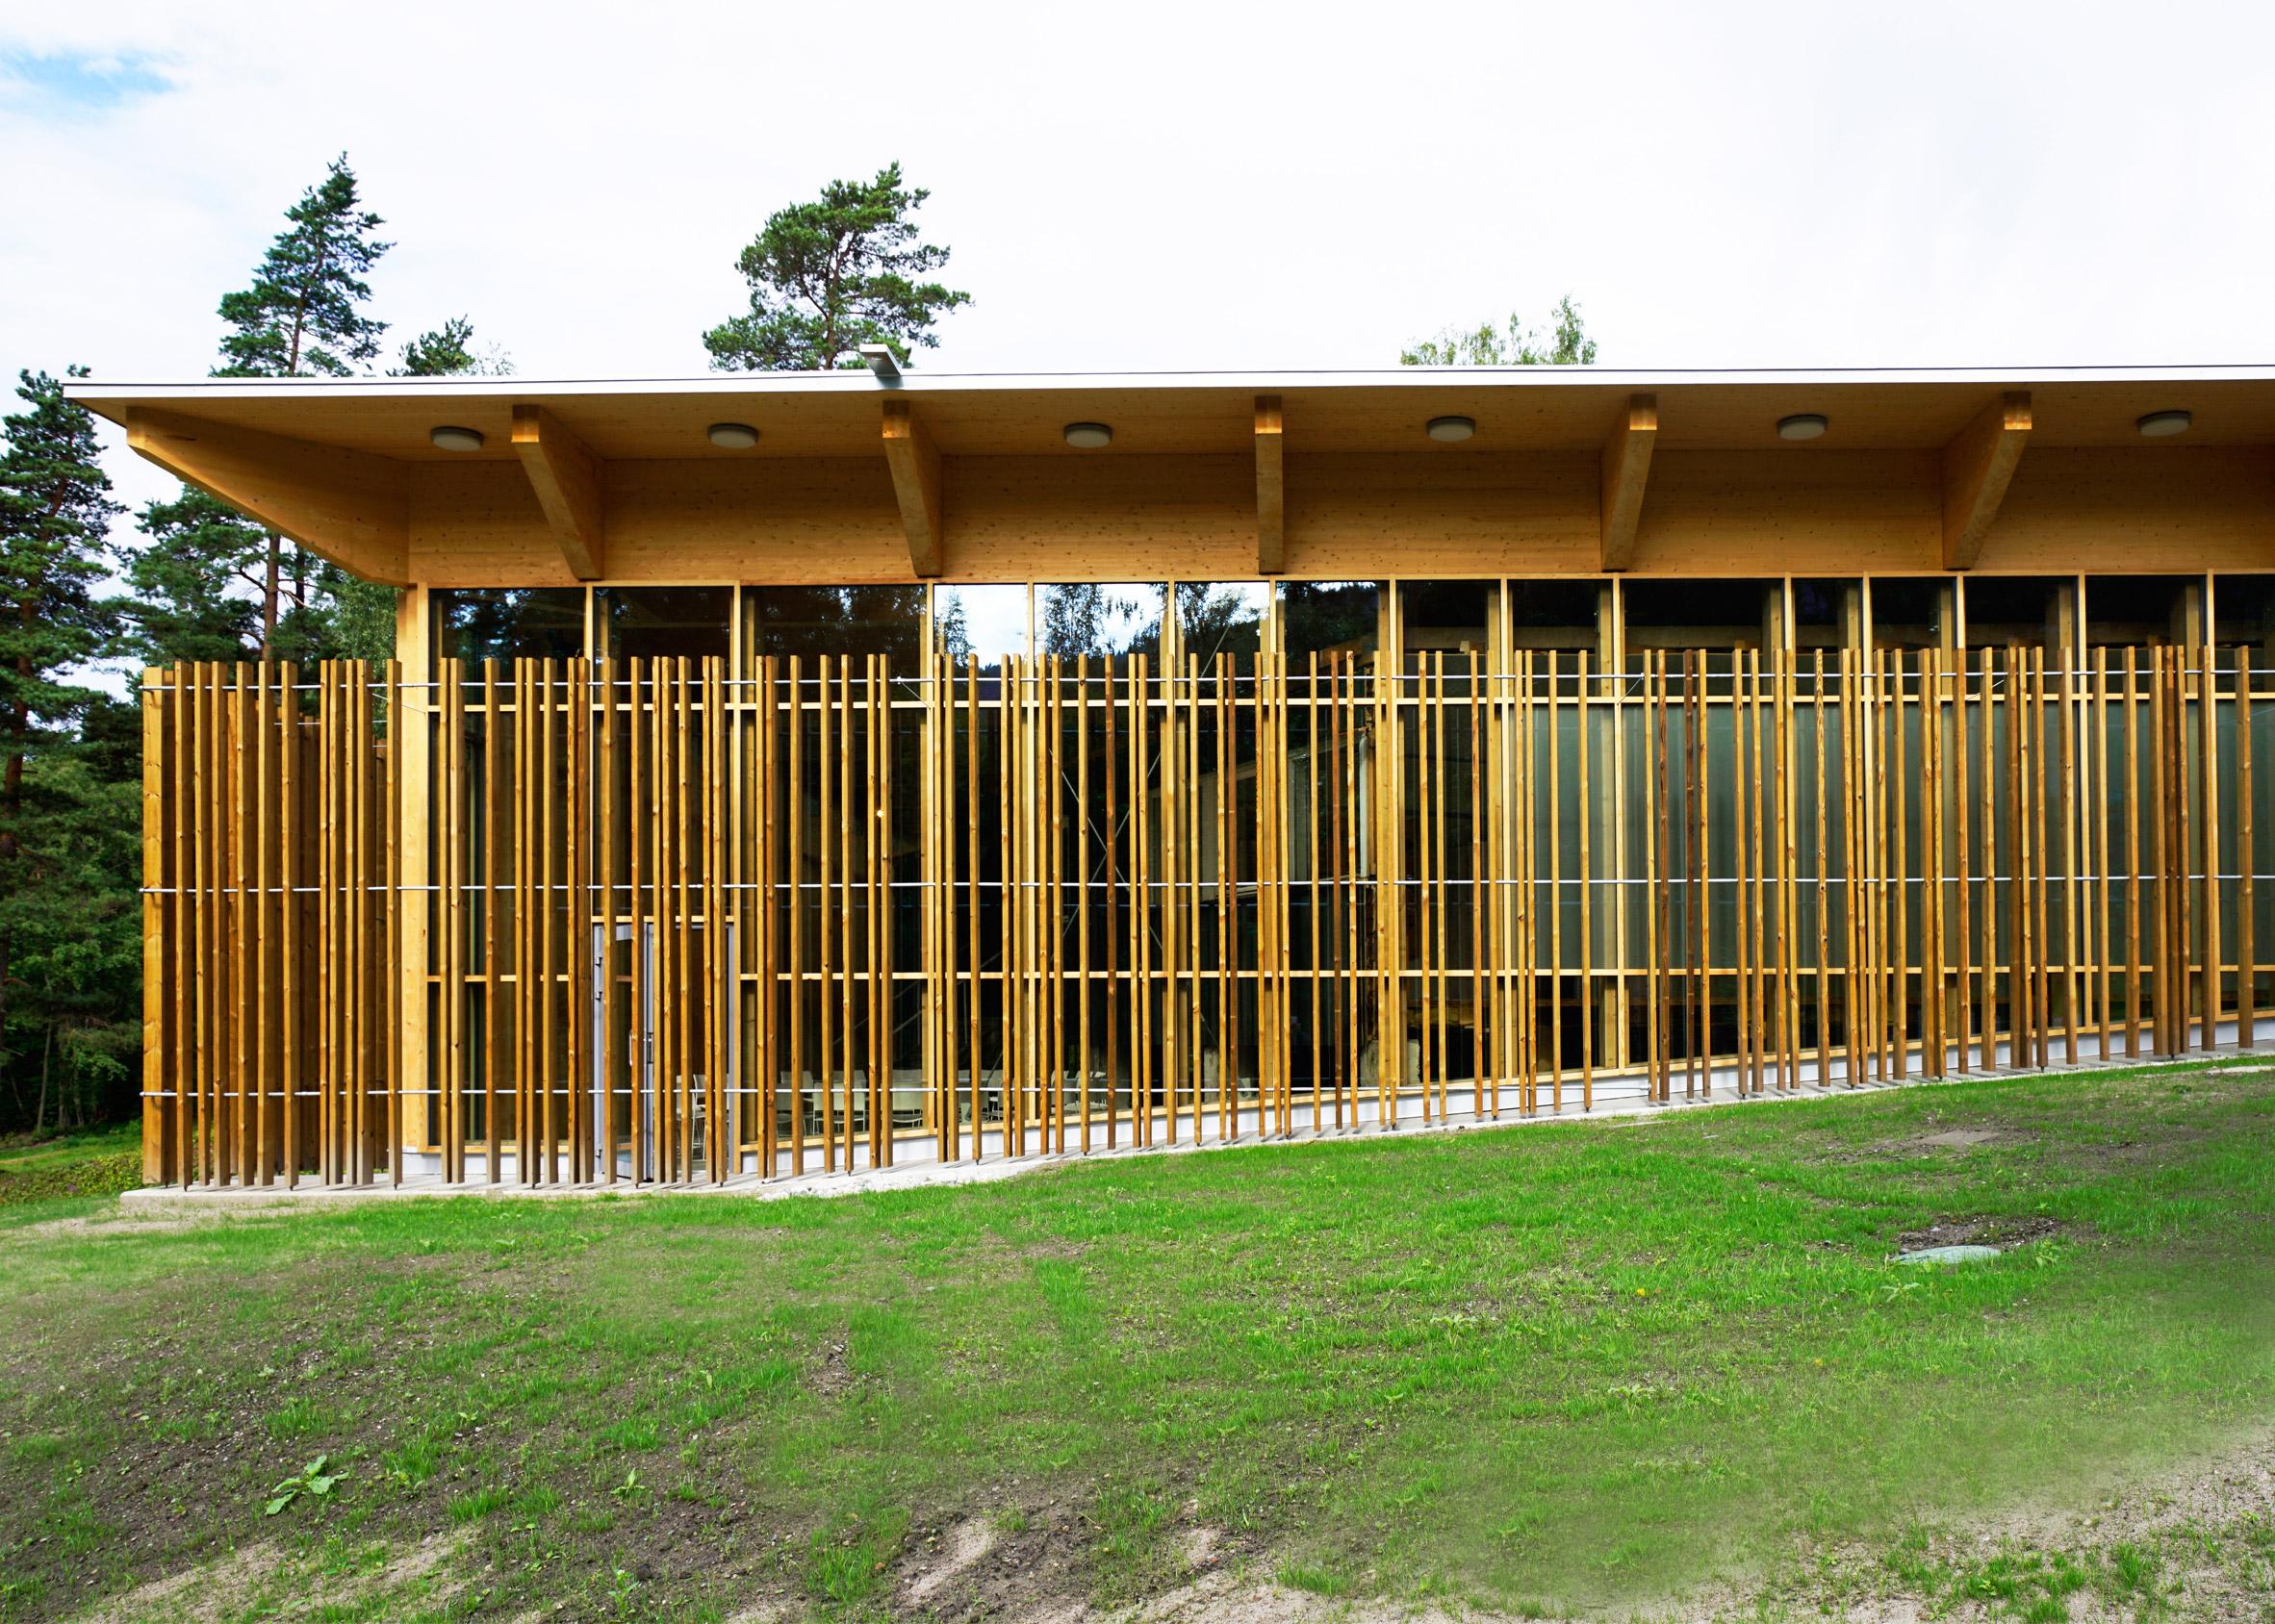 Utoya by Blakstad Haffner Arkitekter